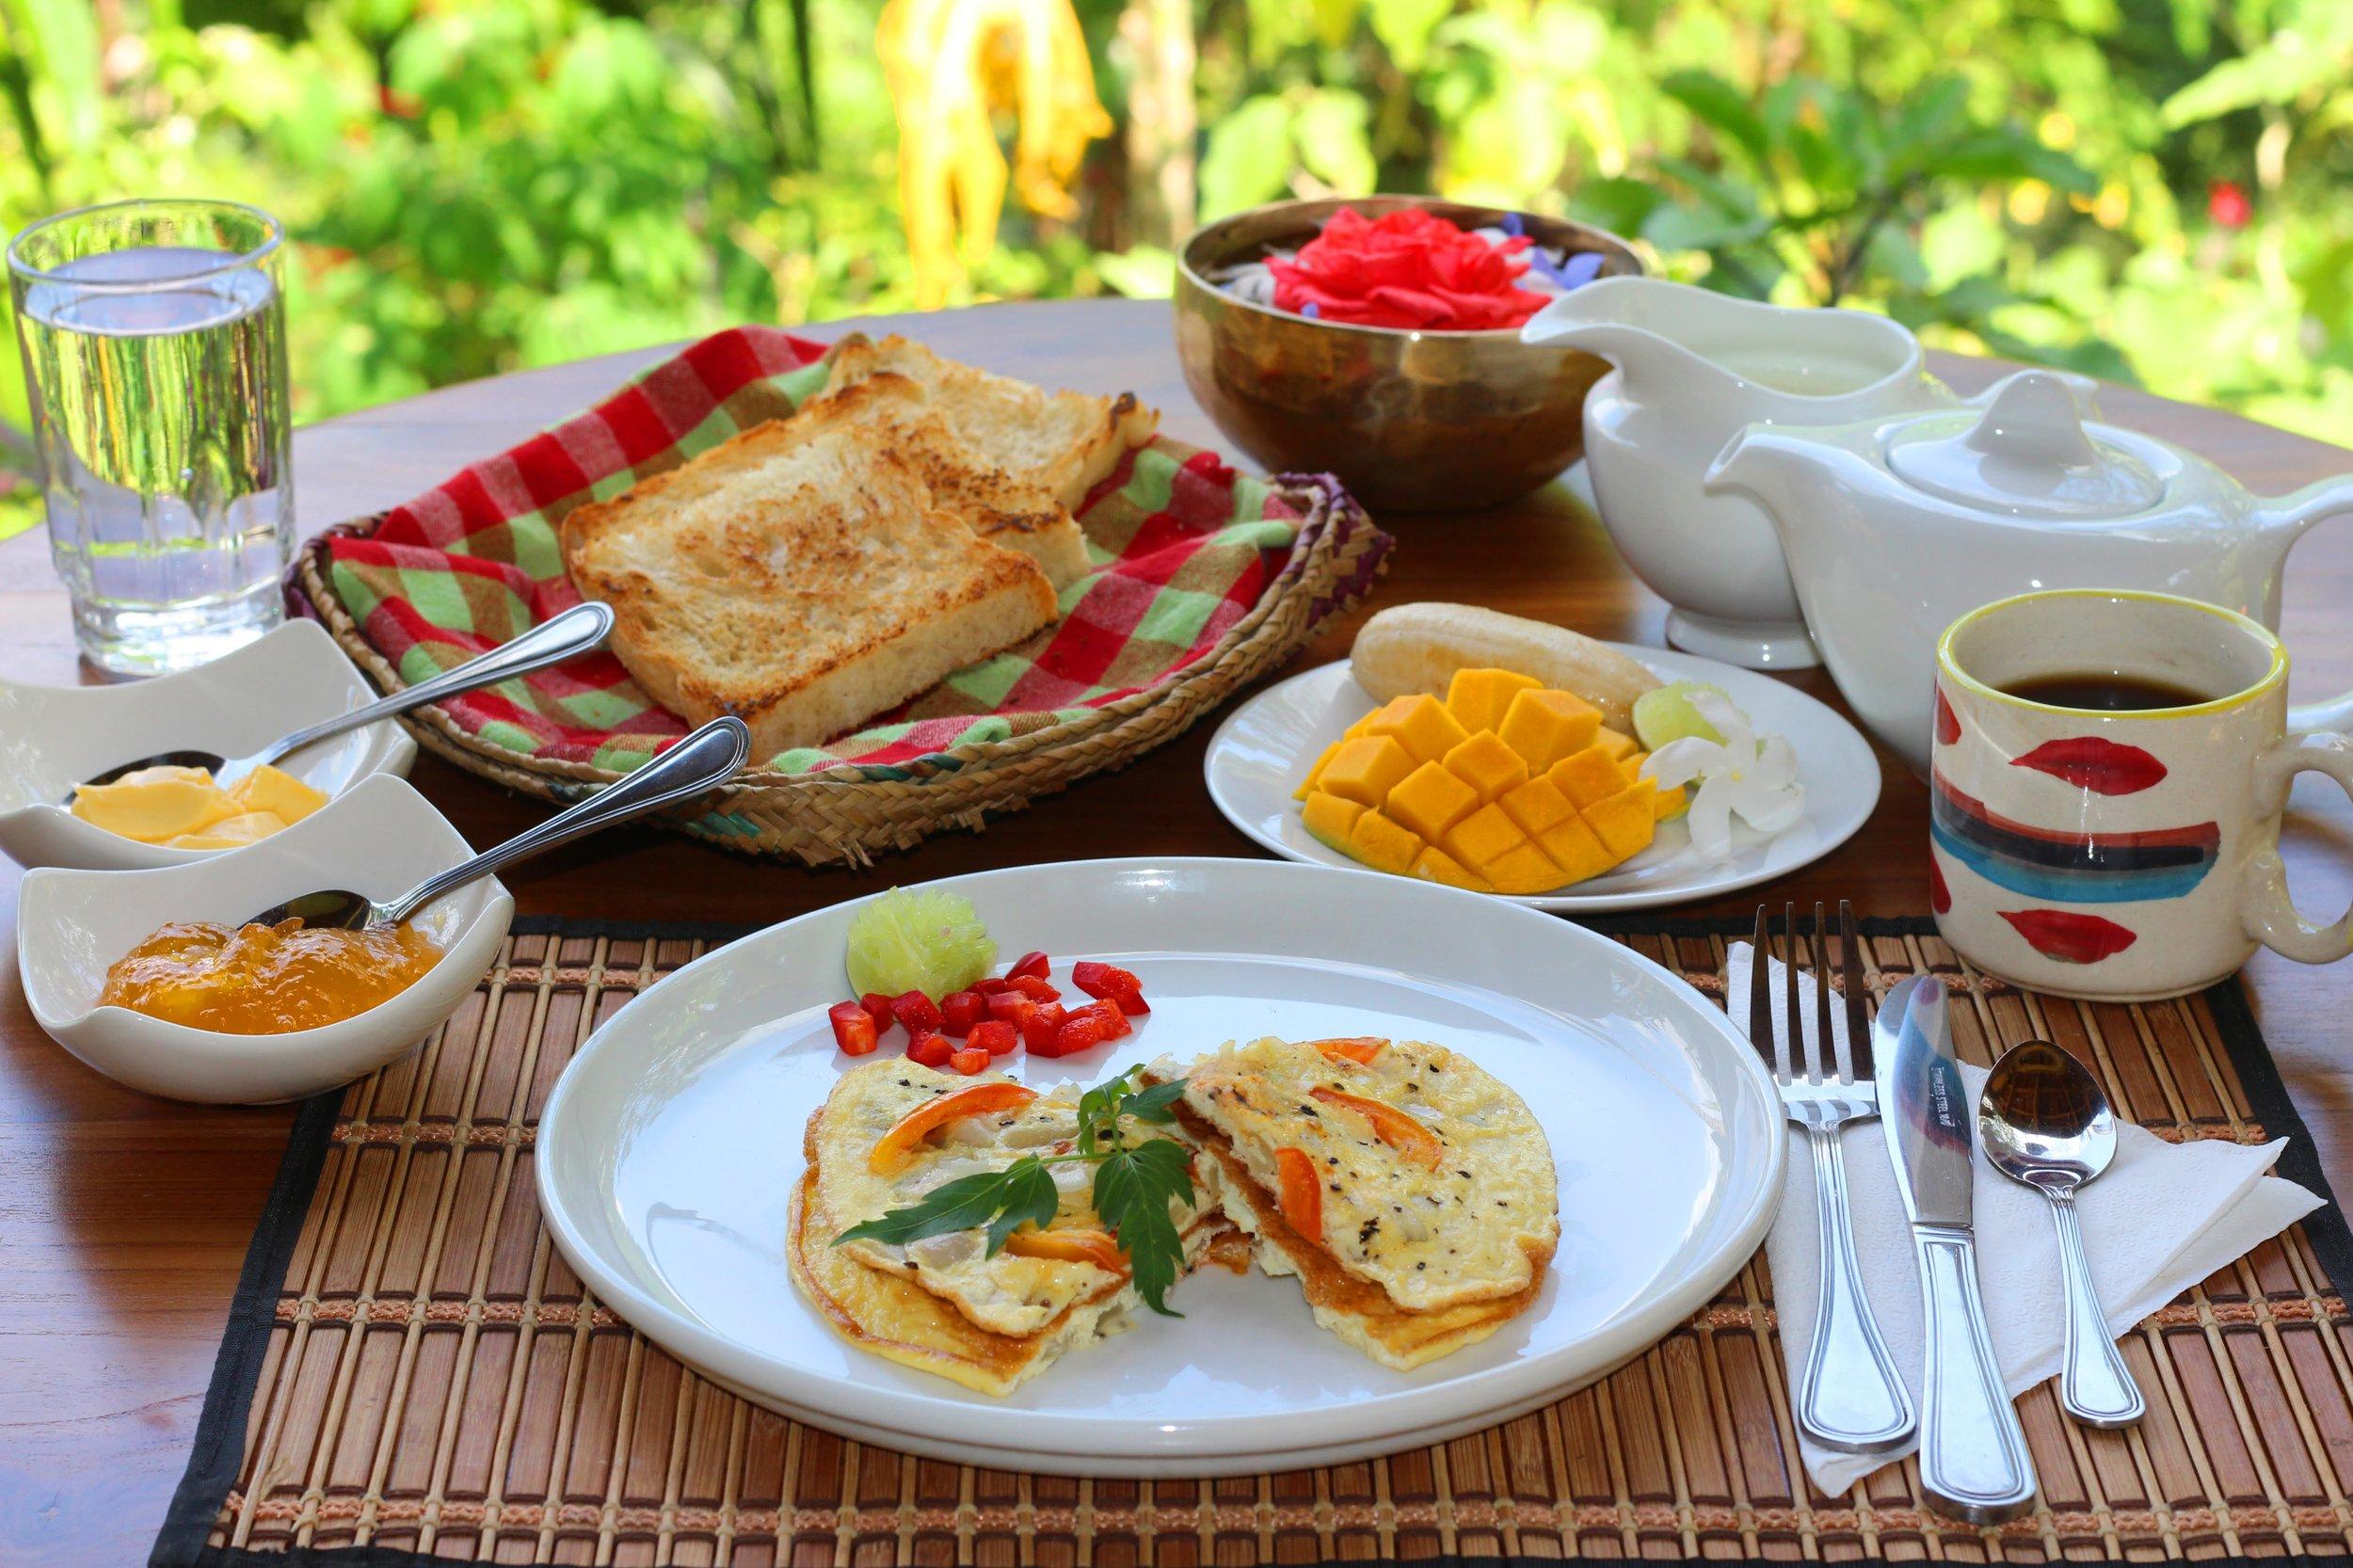 Food - Breakfast_pano2.jpg